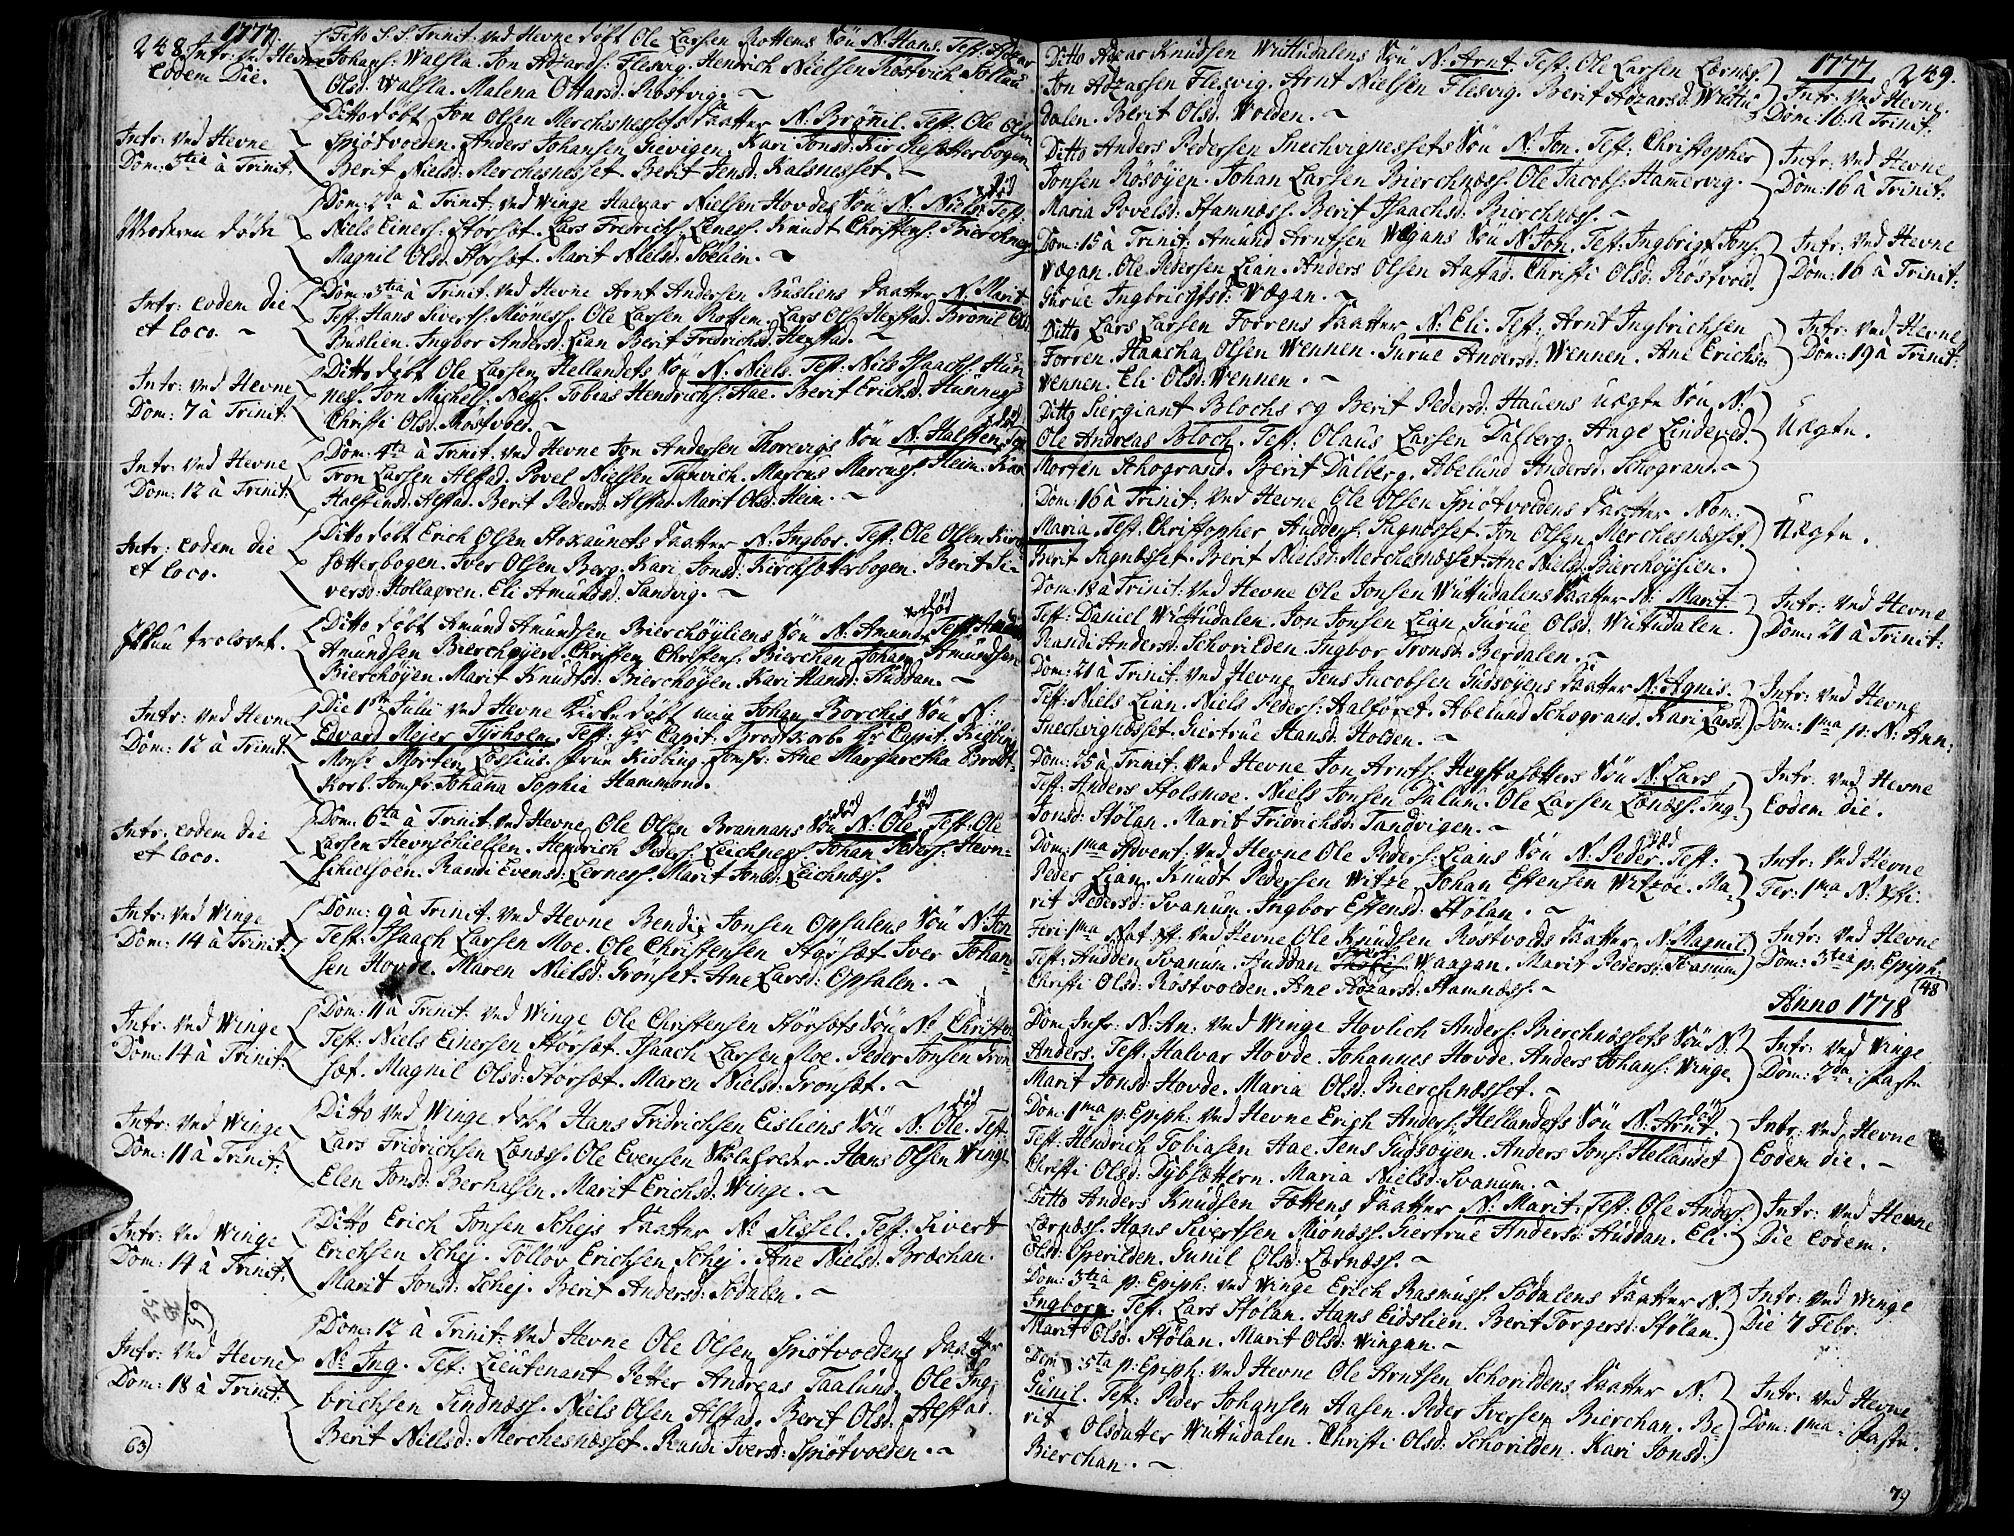 SAT, Ministerialprotokoller, klokkerbøker og fødselsregistre - Sør-Trøndelag, 630/L0489: Ministerialbok nr. 630A02, 1757-1794, s. 248-249